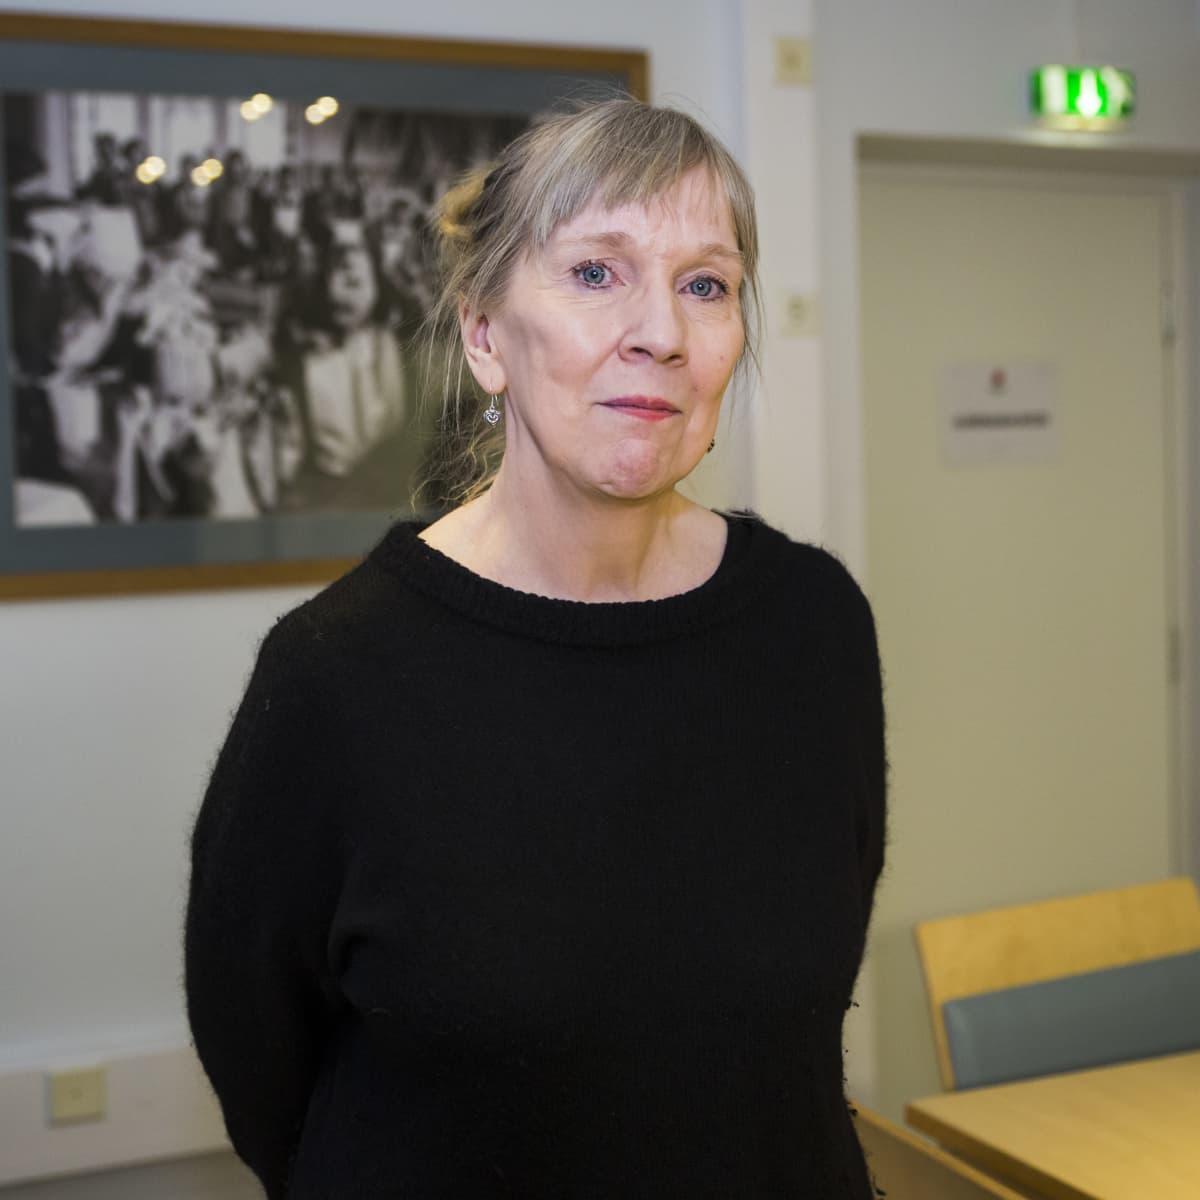 Helsingin diakonissalaitoksen Hoiva oy:n  asiakkuusjohtaja Heli Alkila